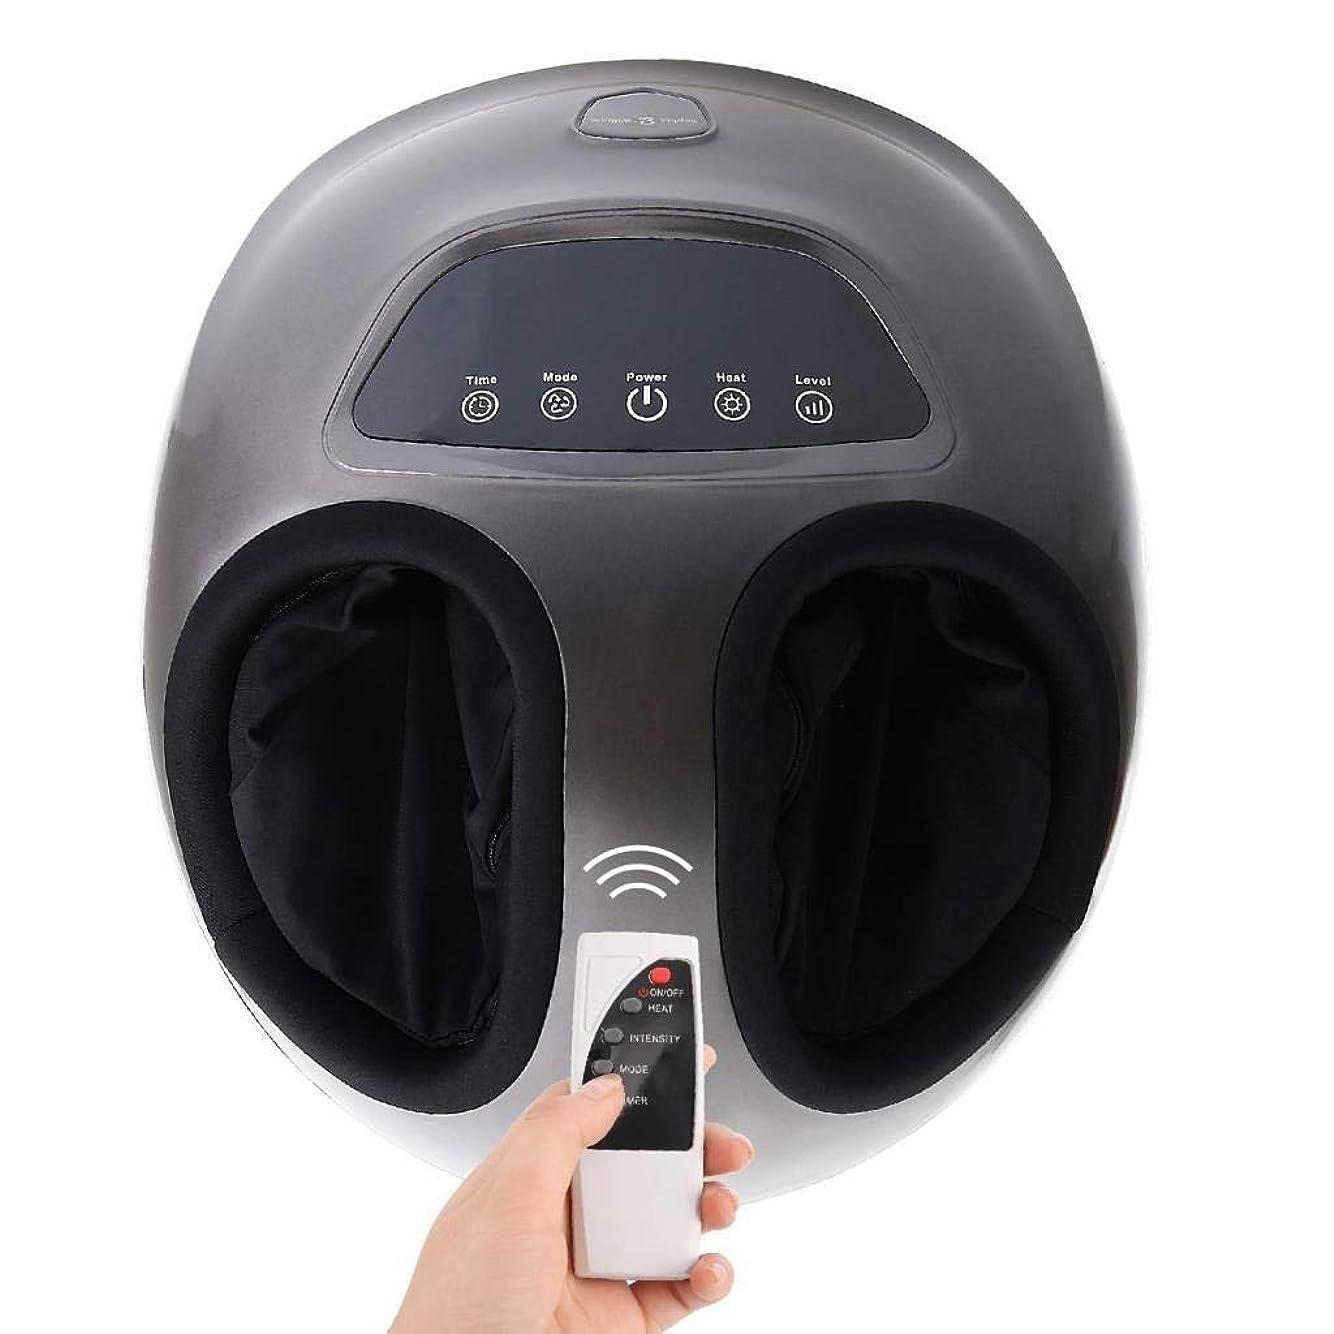 わな揺れる衝動フットマッサージャー、加熱指圧ローリングニーディングマッサージ、エアコンプレッションフットウォーマーによる血液循環/睡眠の促進